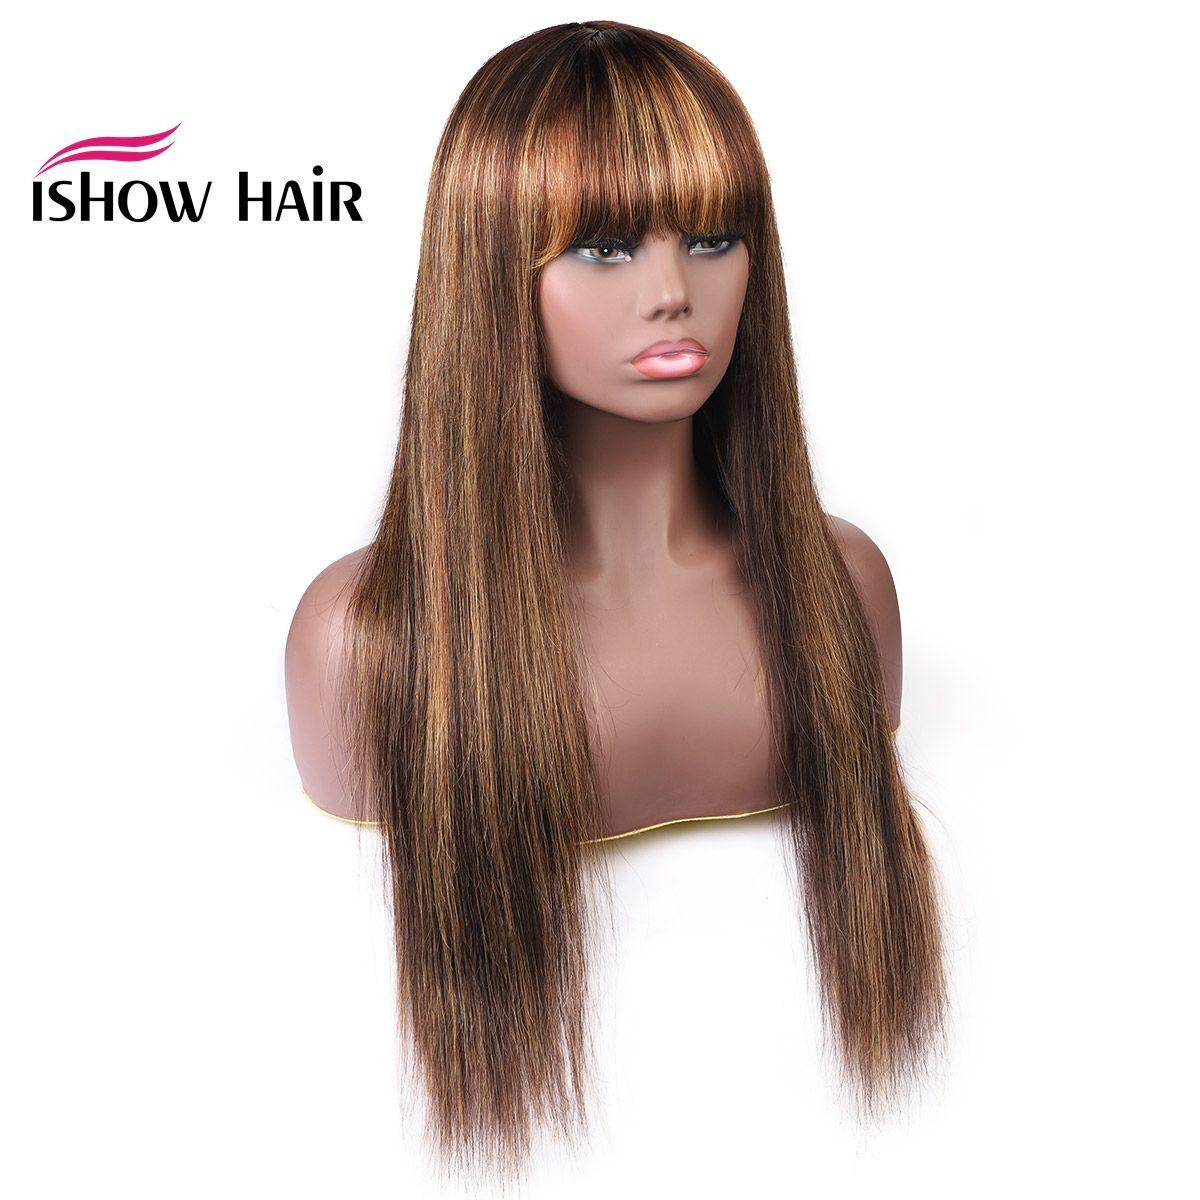 La peluca heterosexual del pelo peruano de la peluca hetuosa de la peluca peruana con flequillo 4/27 naranja jengibre 99j pelo humano ni pelucas de encaje